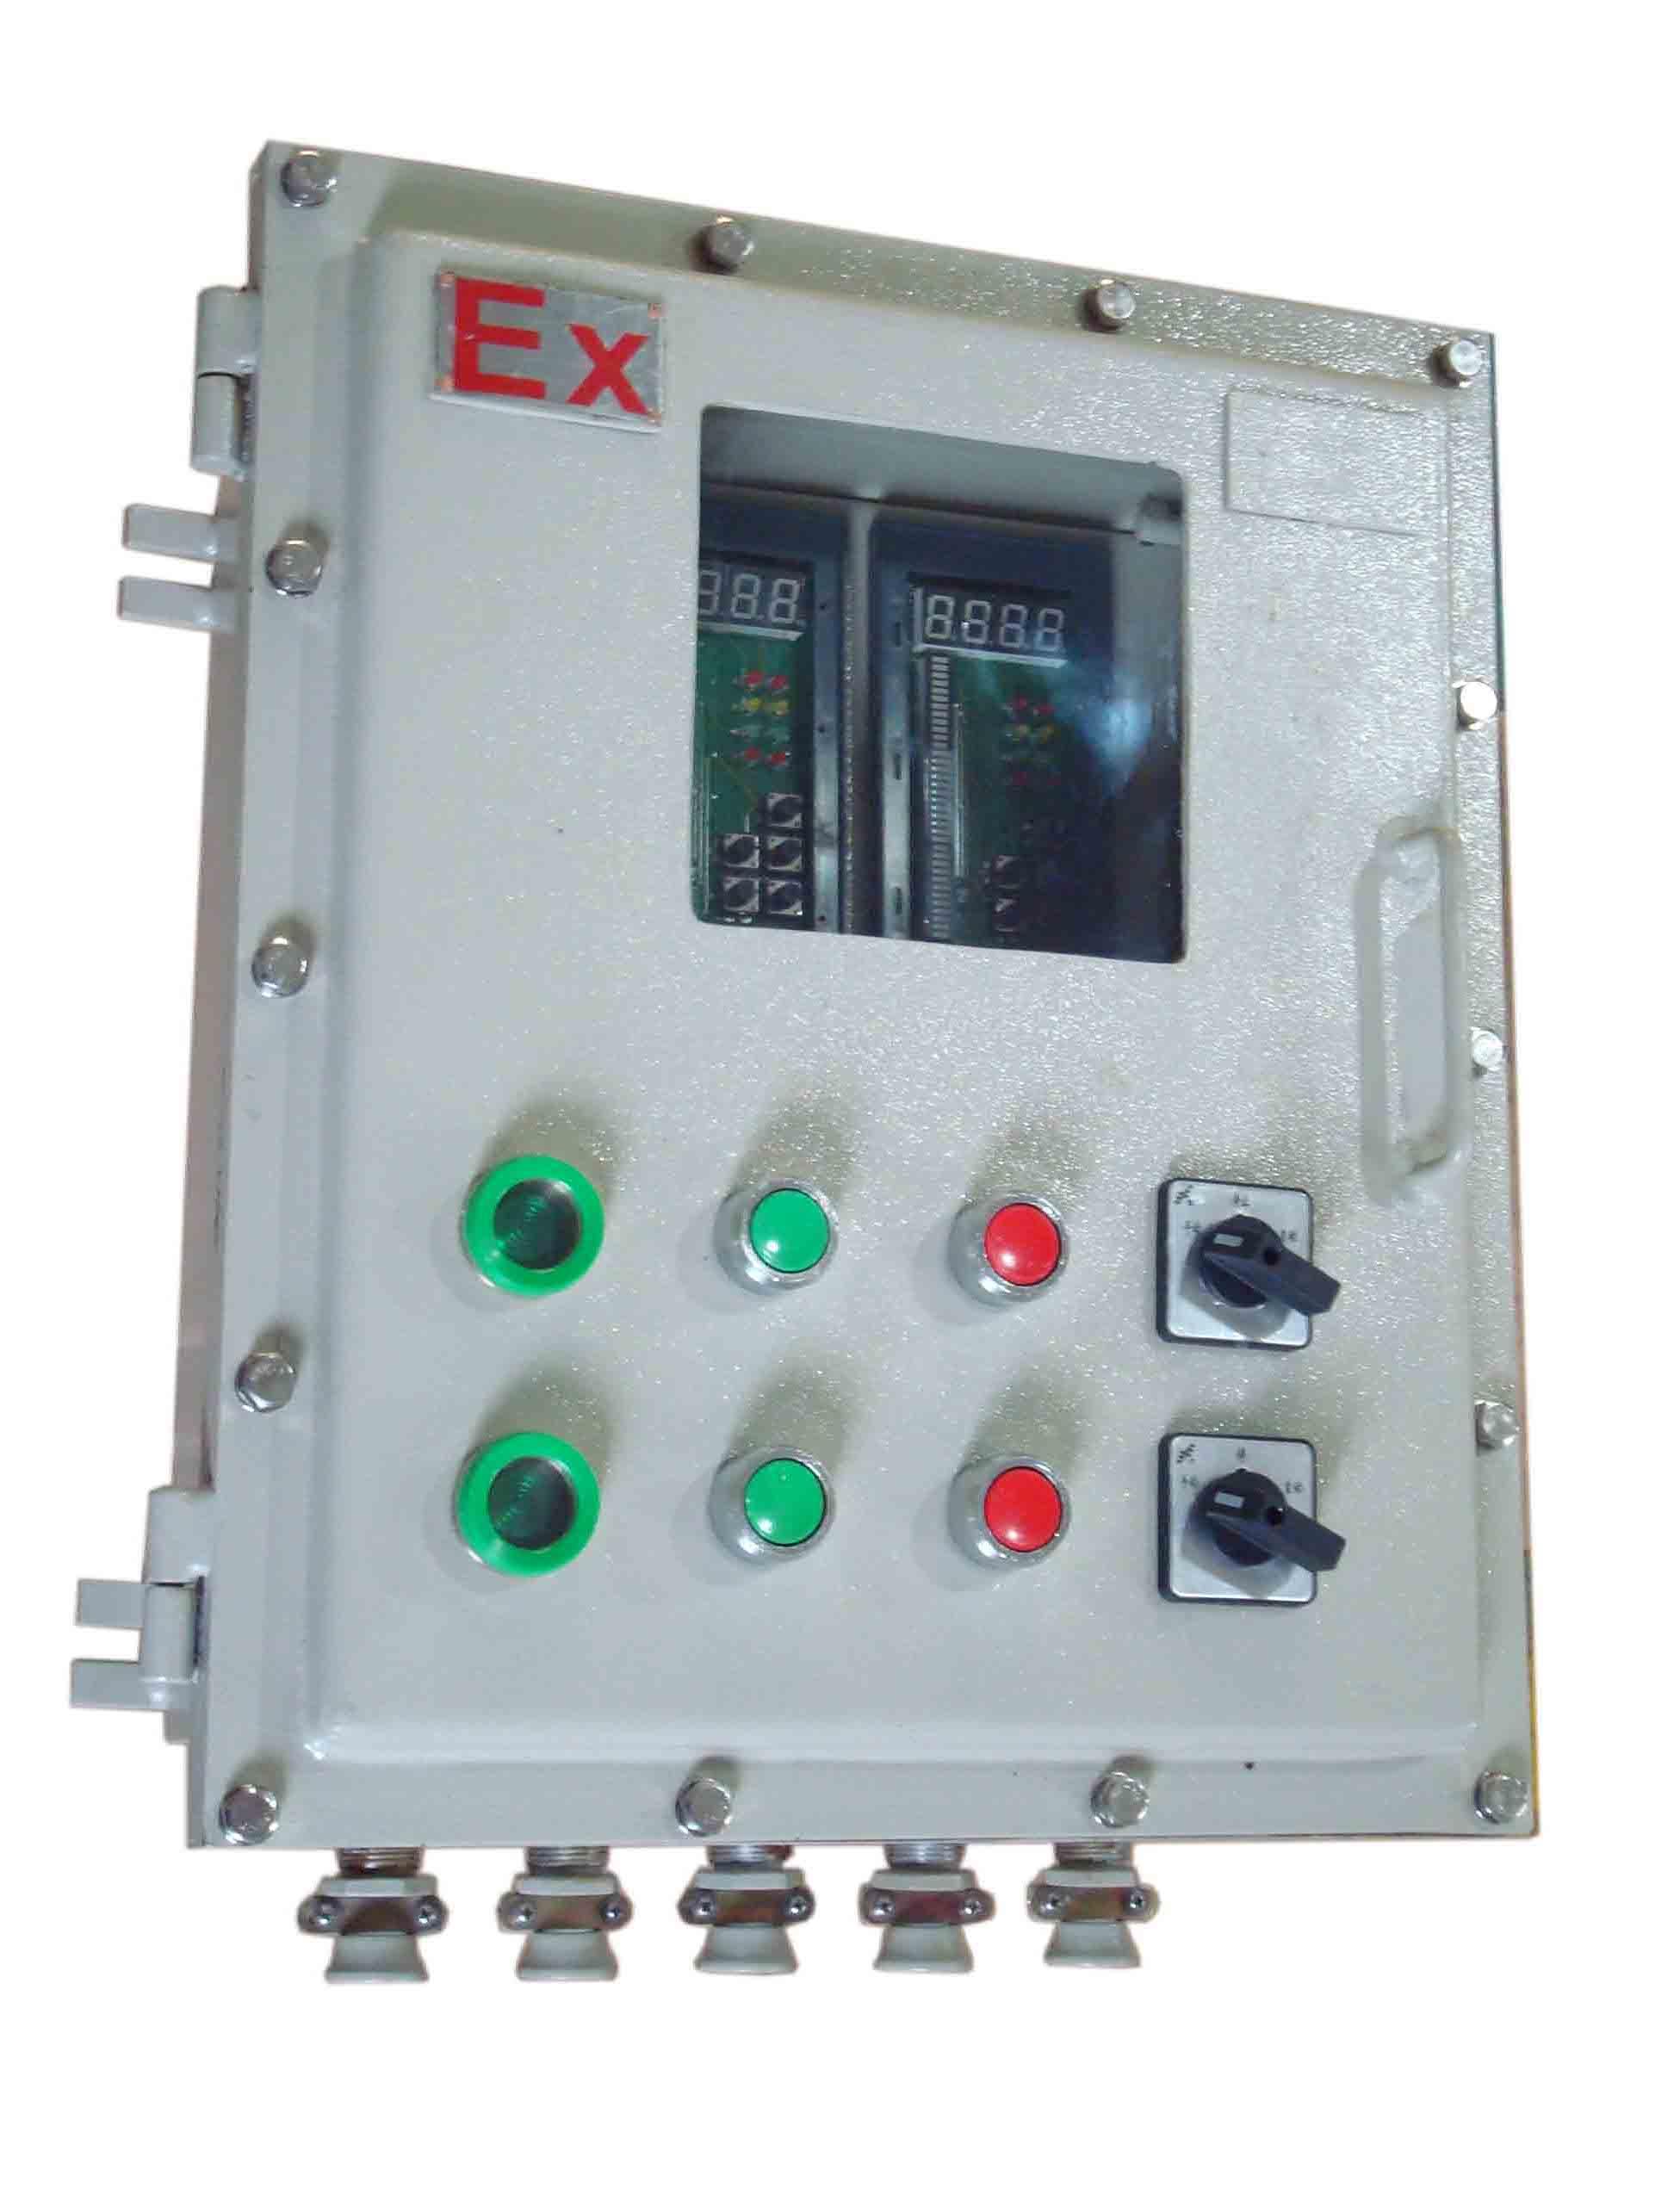 电气设备/工业电器 防爆电器 其它防爆电器 路灯时控光控防爆照明配电